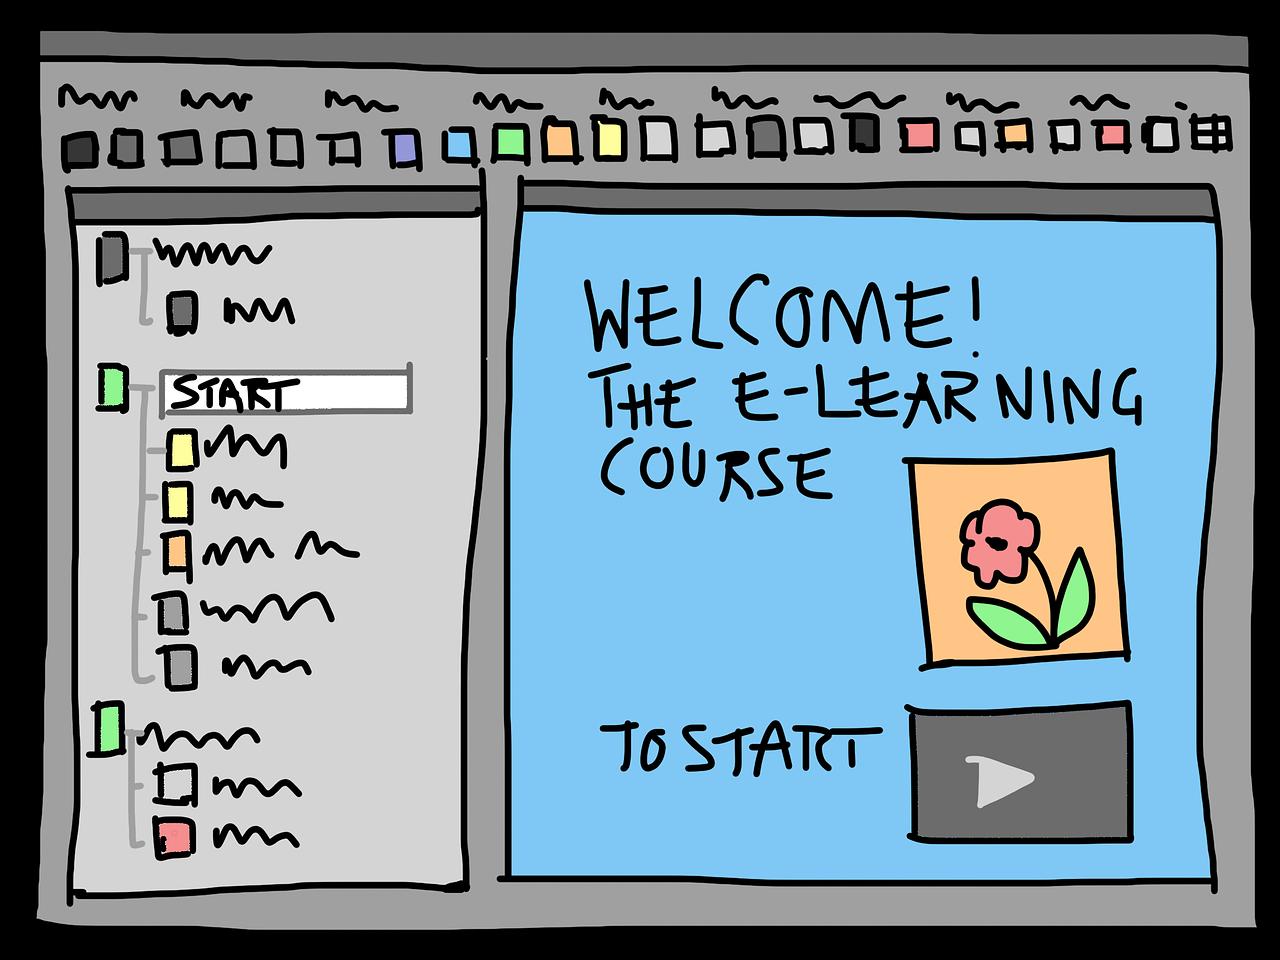 Zeichnung von einer E-Learning-Startseite